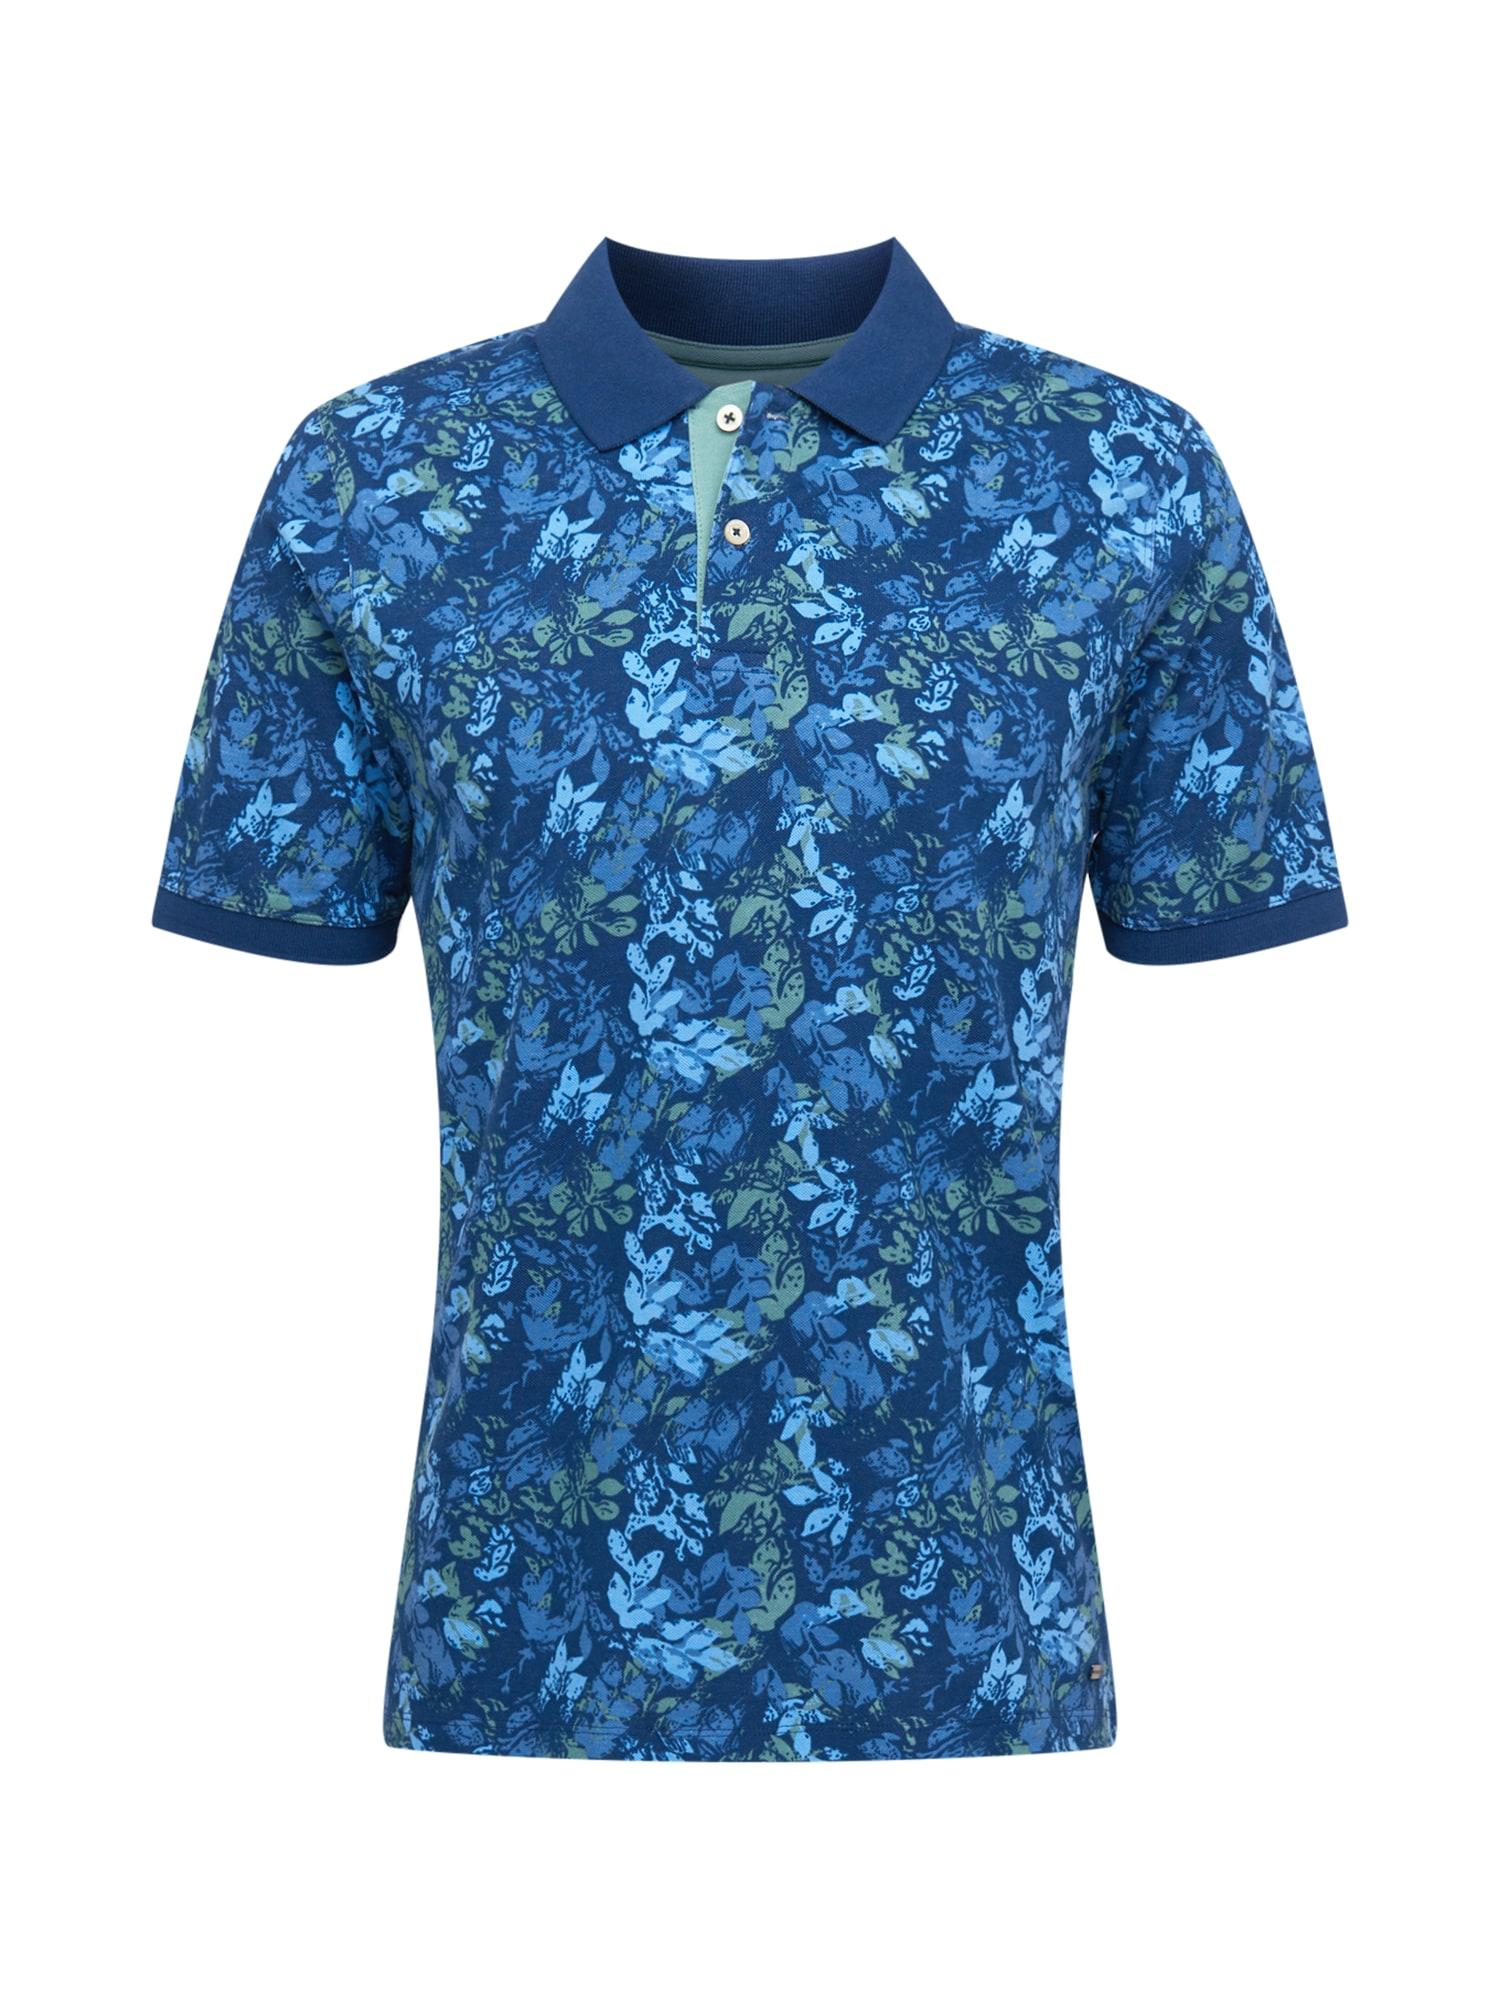 """FYNCH-HATTON Marškinėliai sodri mėlyna (""""karališka"""") / mėlyna dūmų spalva / šviesiai mėlyna / pastelinė mėlyna"""